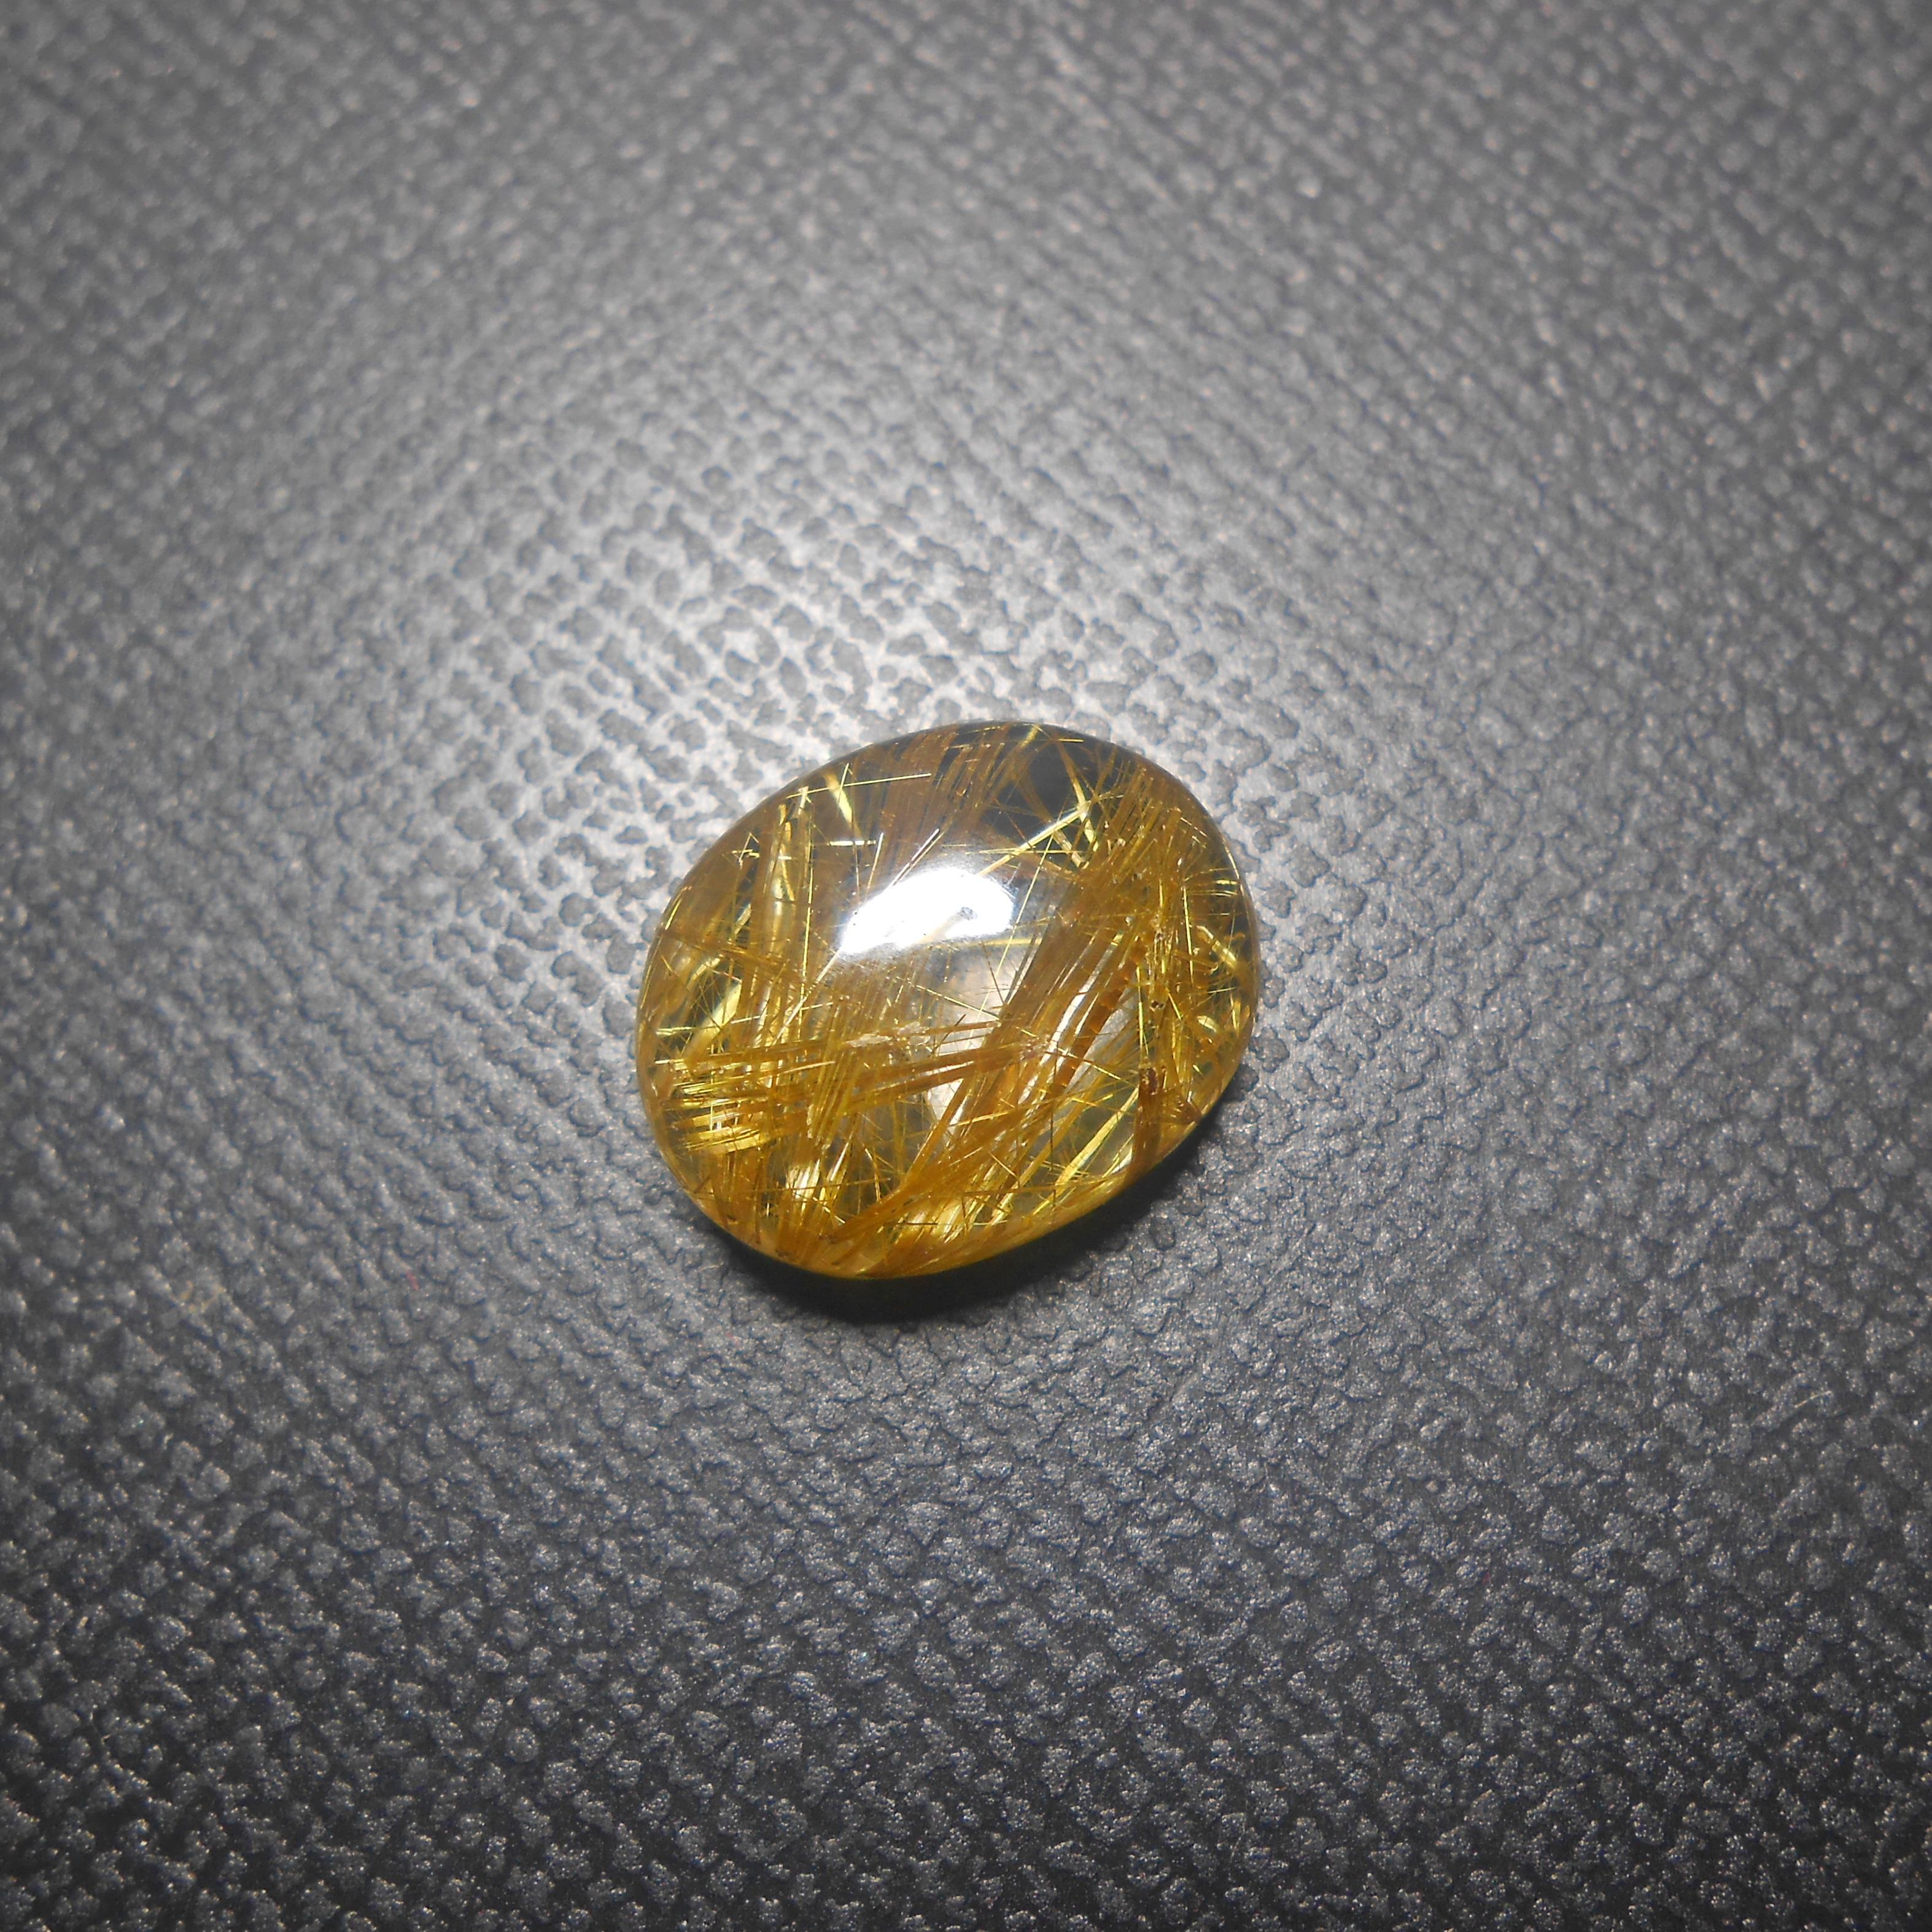 แก้วไหมทอง เส้นแกร่งสวย ทองอร่าม น้ำใส ไร้ตำหนิ ขนาด 1.4x 1.2 mm ทำแหวน จี้ งามๆ